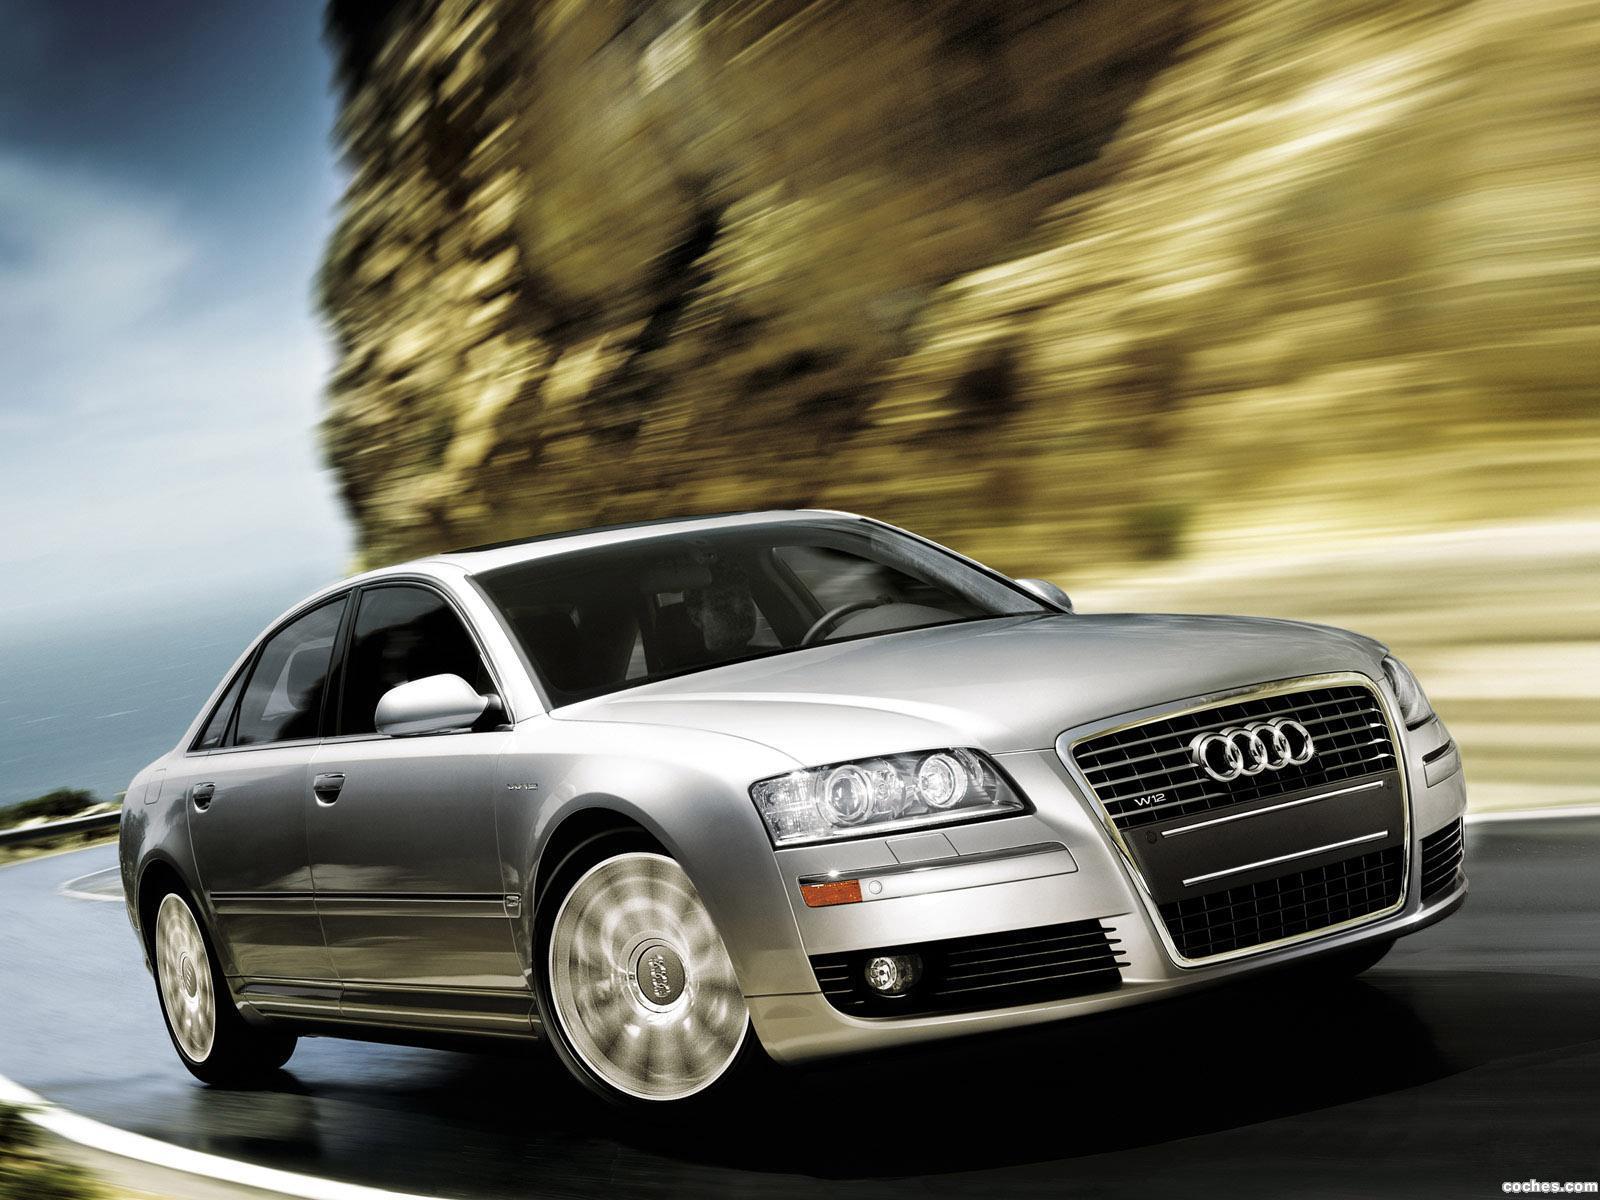 Foto 0 de Audi A8L 6.0 Quattro D3 USA 2005